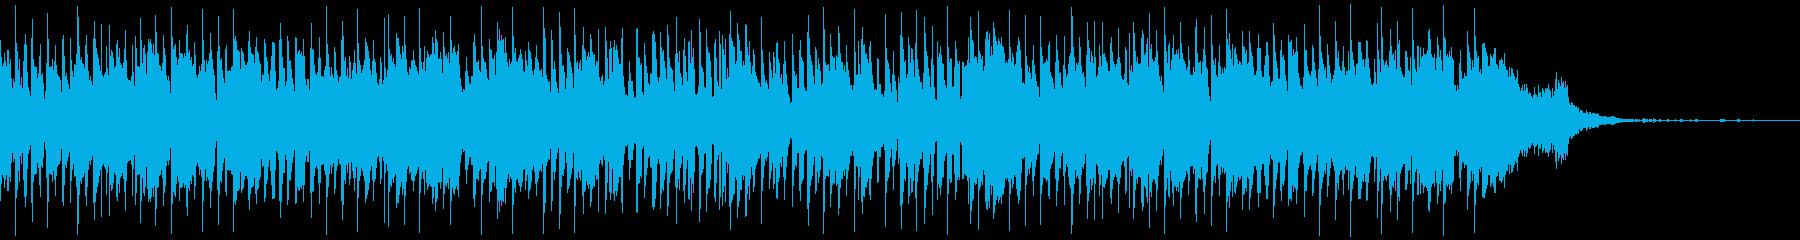 おしゃれなCM映像・高級感・ジャズの再生済みの波形